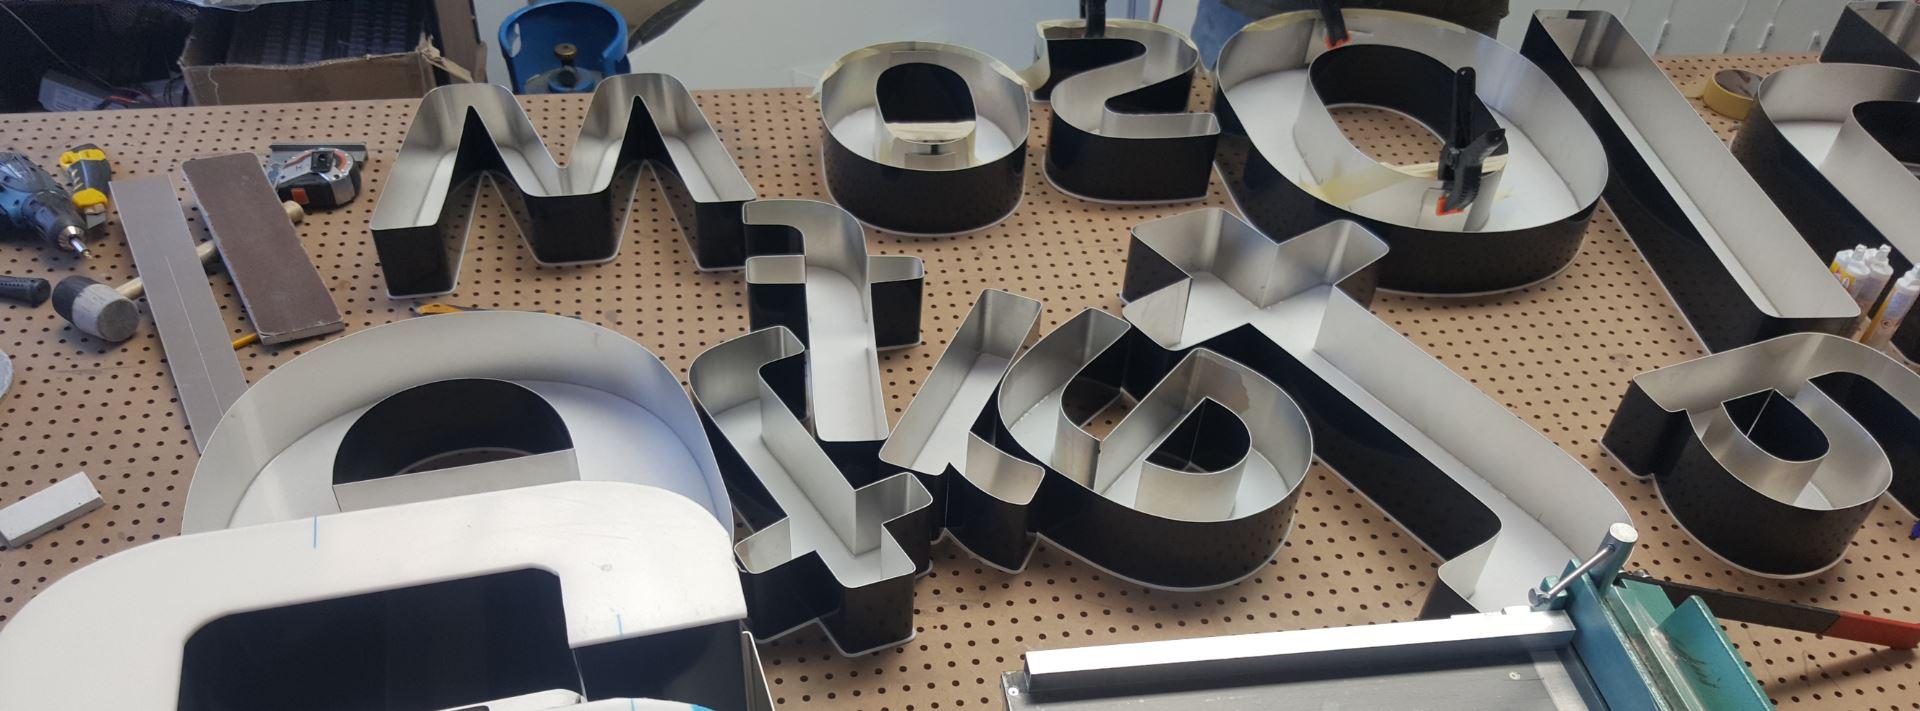 Litery świetlne - litery przestrzenne - litery 3D